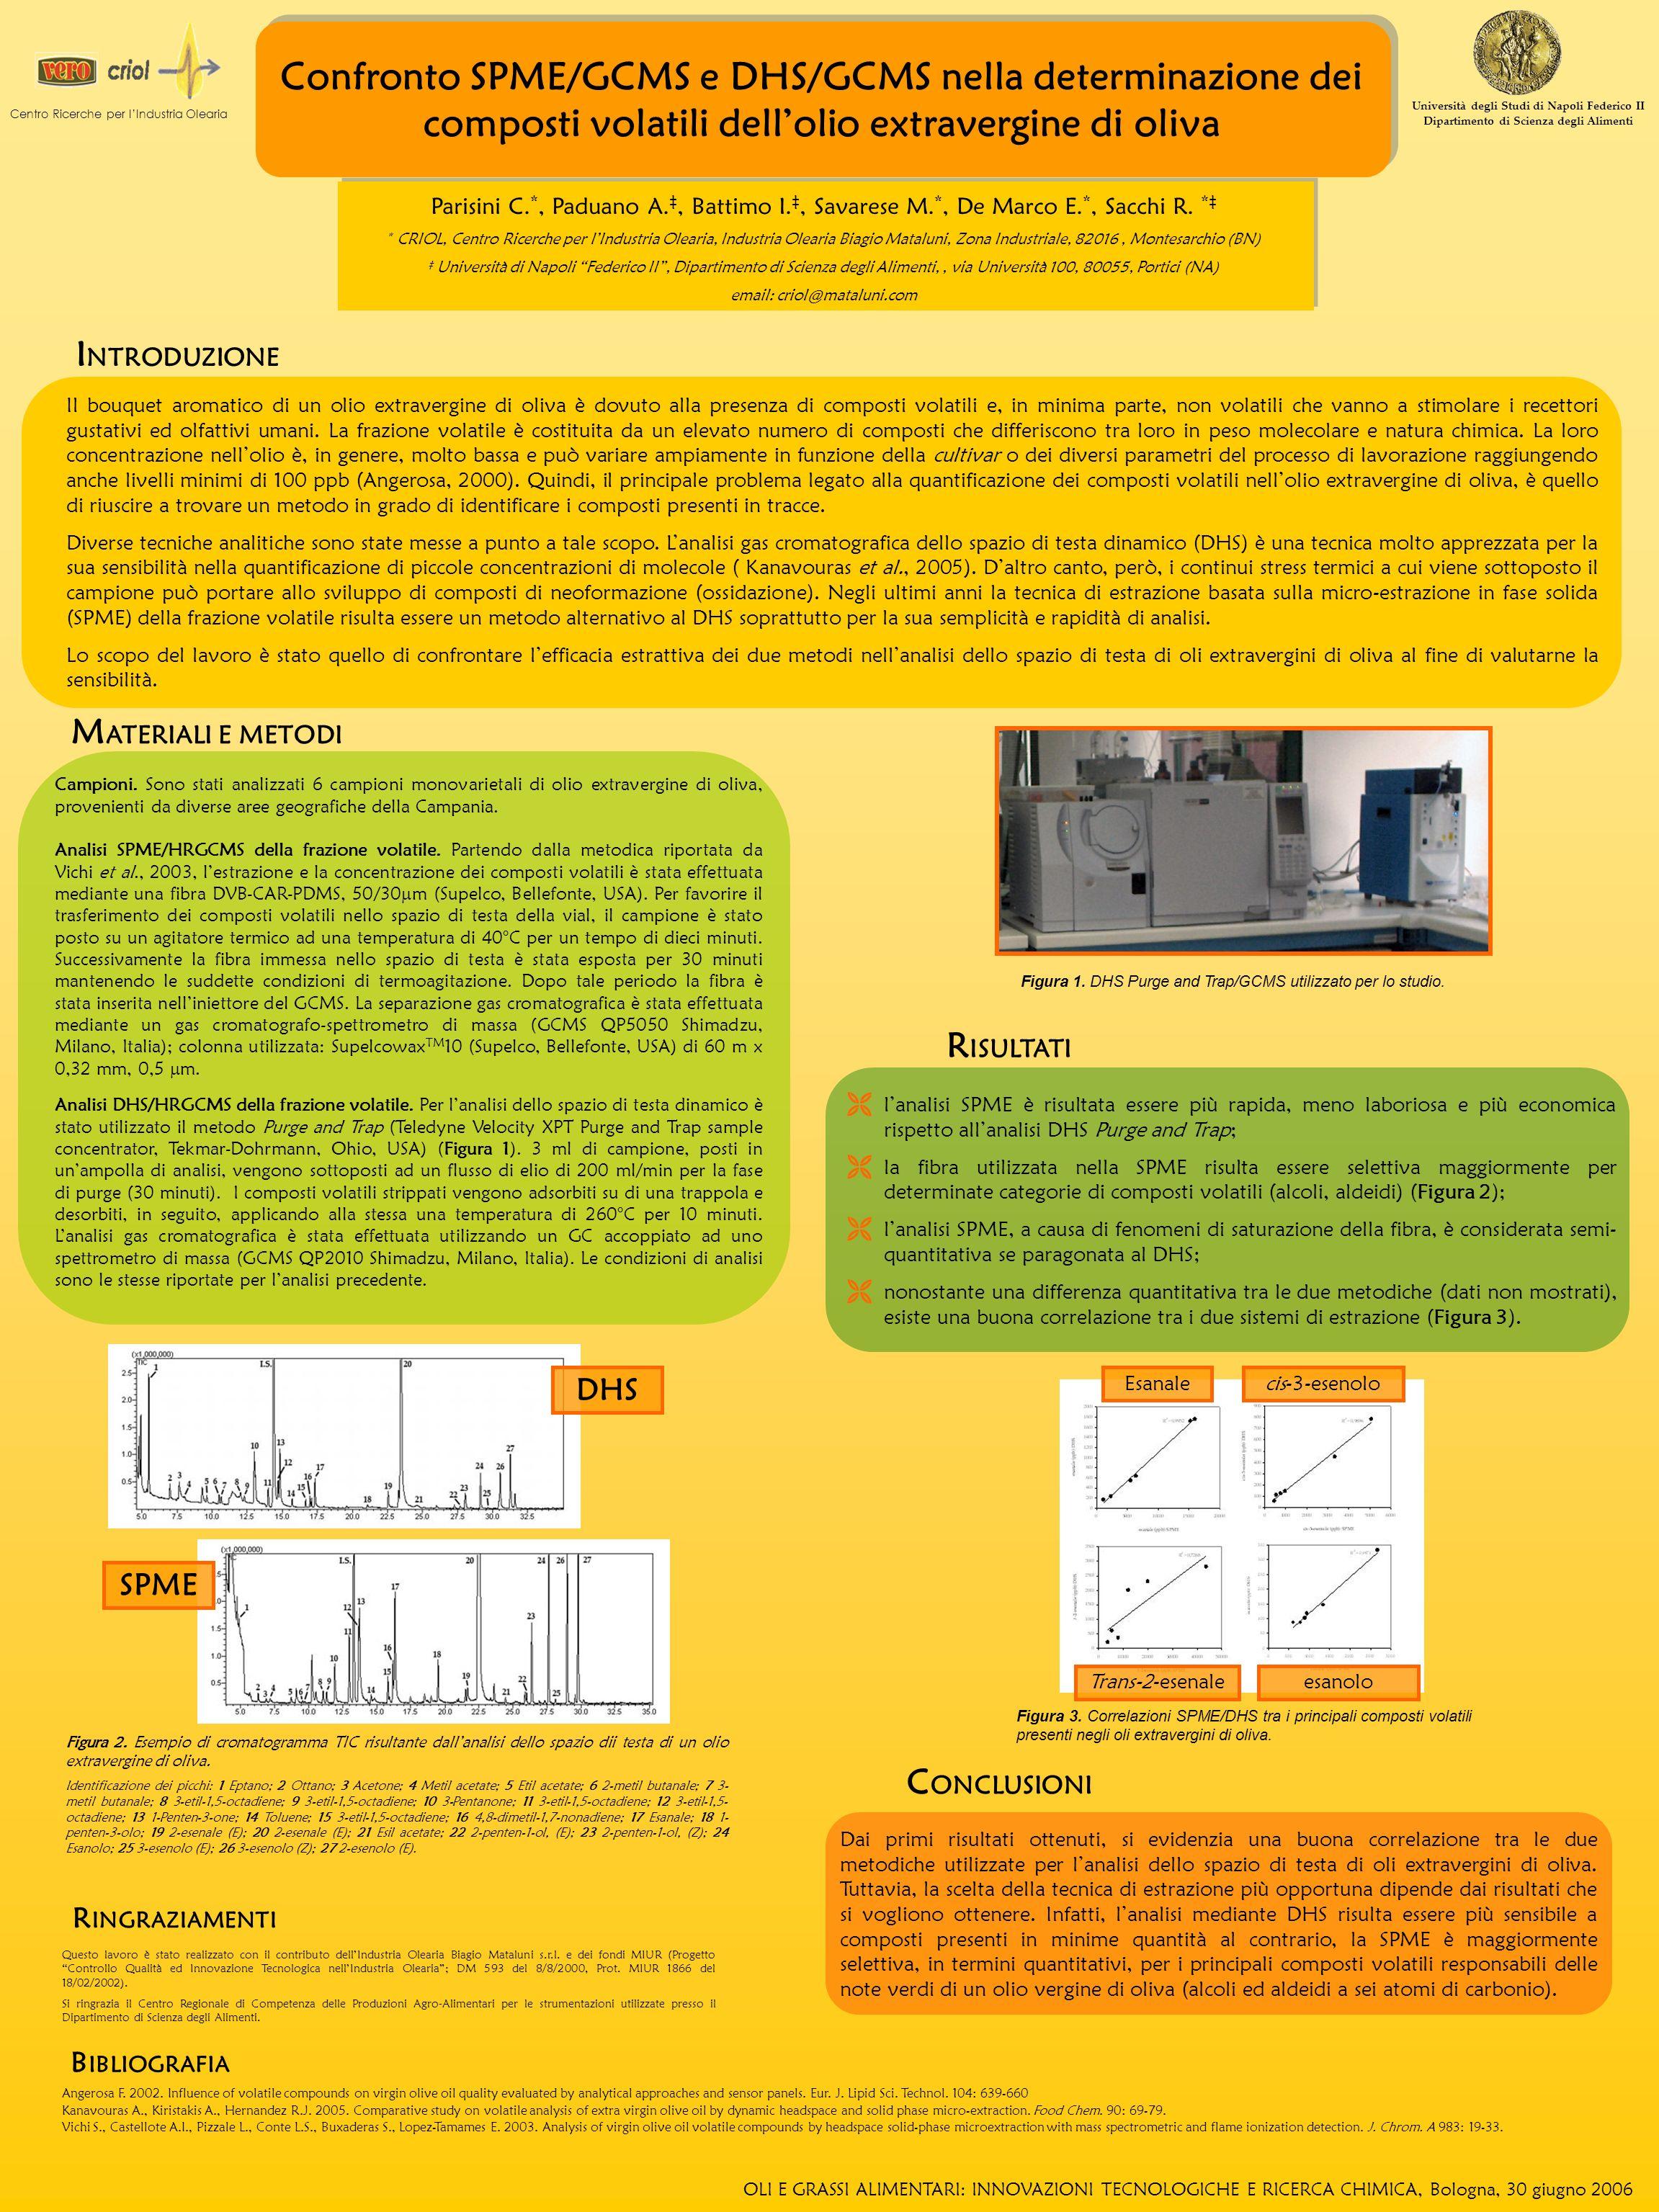 Confronto SPME/GCMS e DHS/GCMS nella determinazione dei composti volatili dell'olio extravergine di oliva